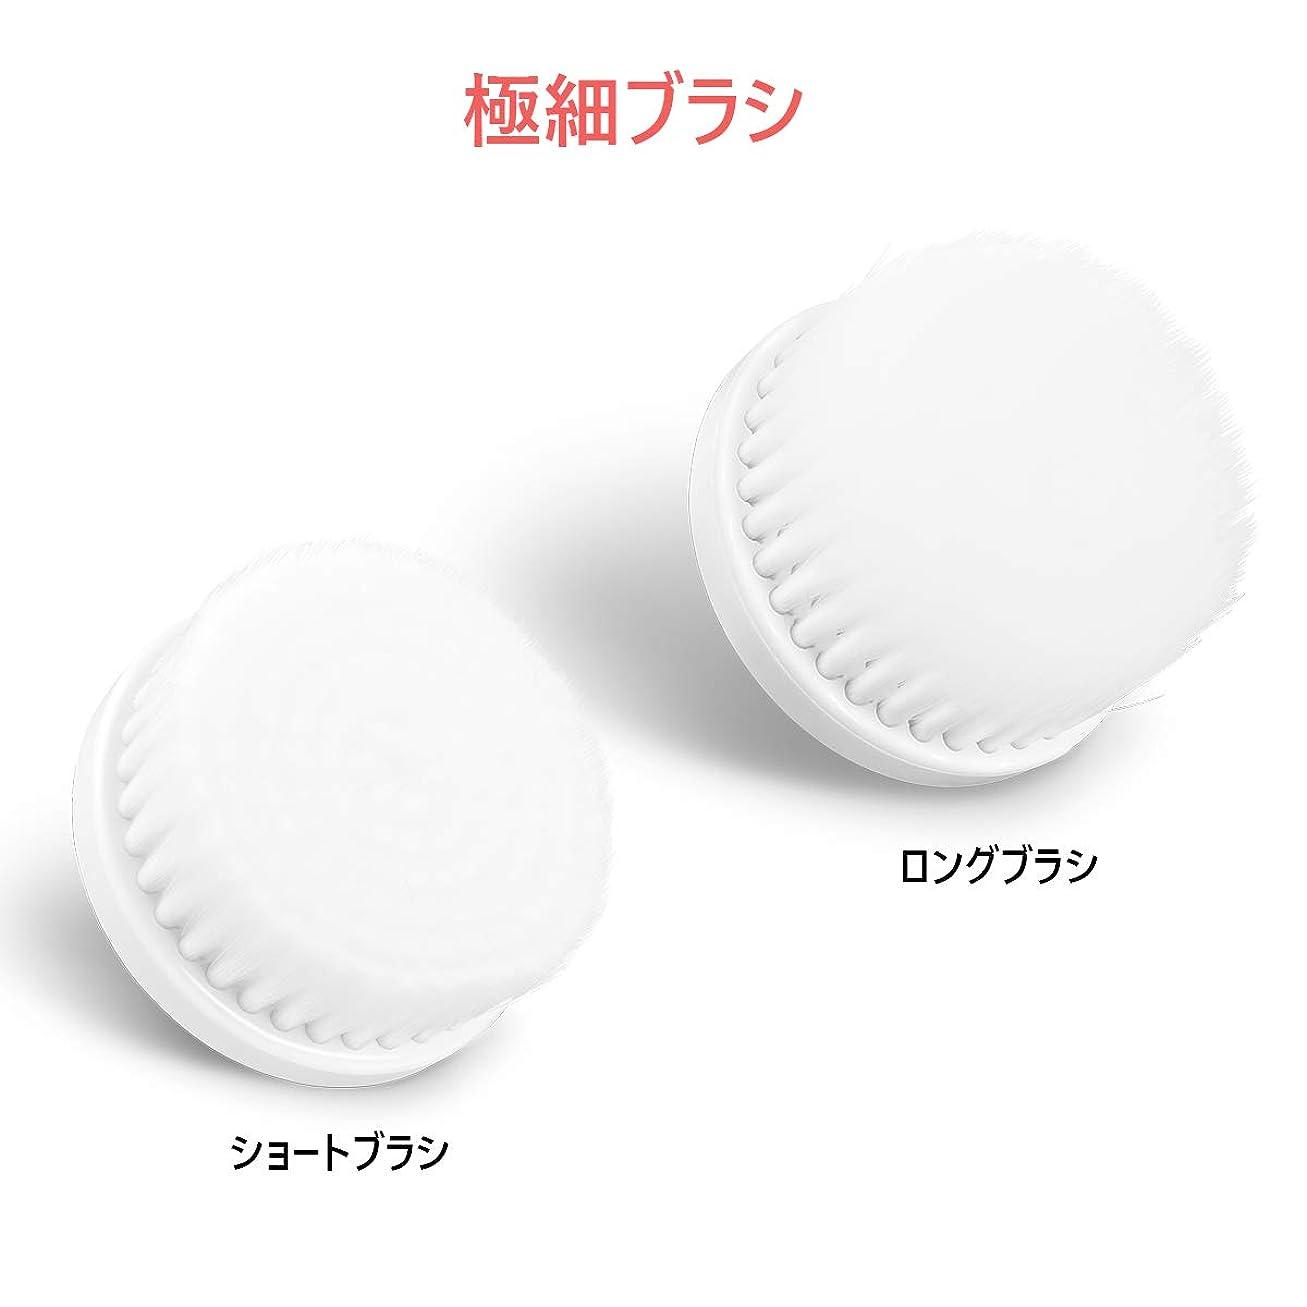 評決行商人物足りないMIQA 電動洗顔ブラシ 専用 交換用ヘッド 替換ブラシ 4個入り